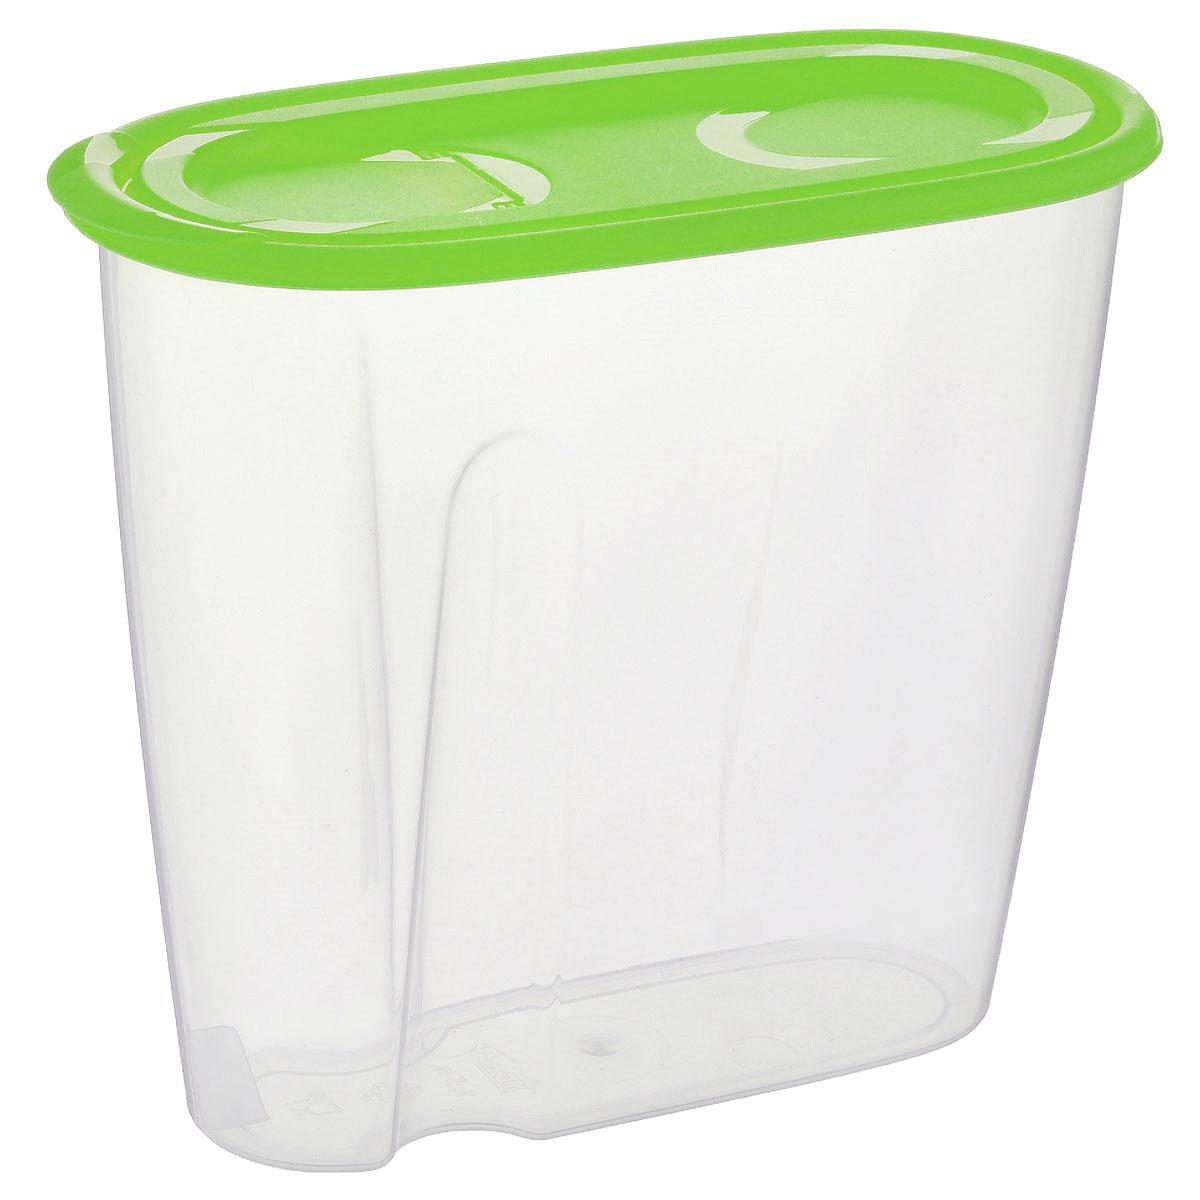 Емкость для сыпучих продуктов Idea, цвет: прозрачный, салатовый, 1,5 лSC-FD421005Емкость Idea выполнена из пищевого полипропилена и предназначена для хранения сыпучих продуктов, в том числе с ярко выраженным запахом (чай, кофе, специи). Не содержит Бисфенол A. Изделие оснащено плотно закрывающейся крышкой, благодаря которой продукты не выдыхаются и дольше остаются свежими. Овальная форма и специальные углубления помогают комфортно удерживать емкость в руке.